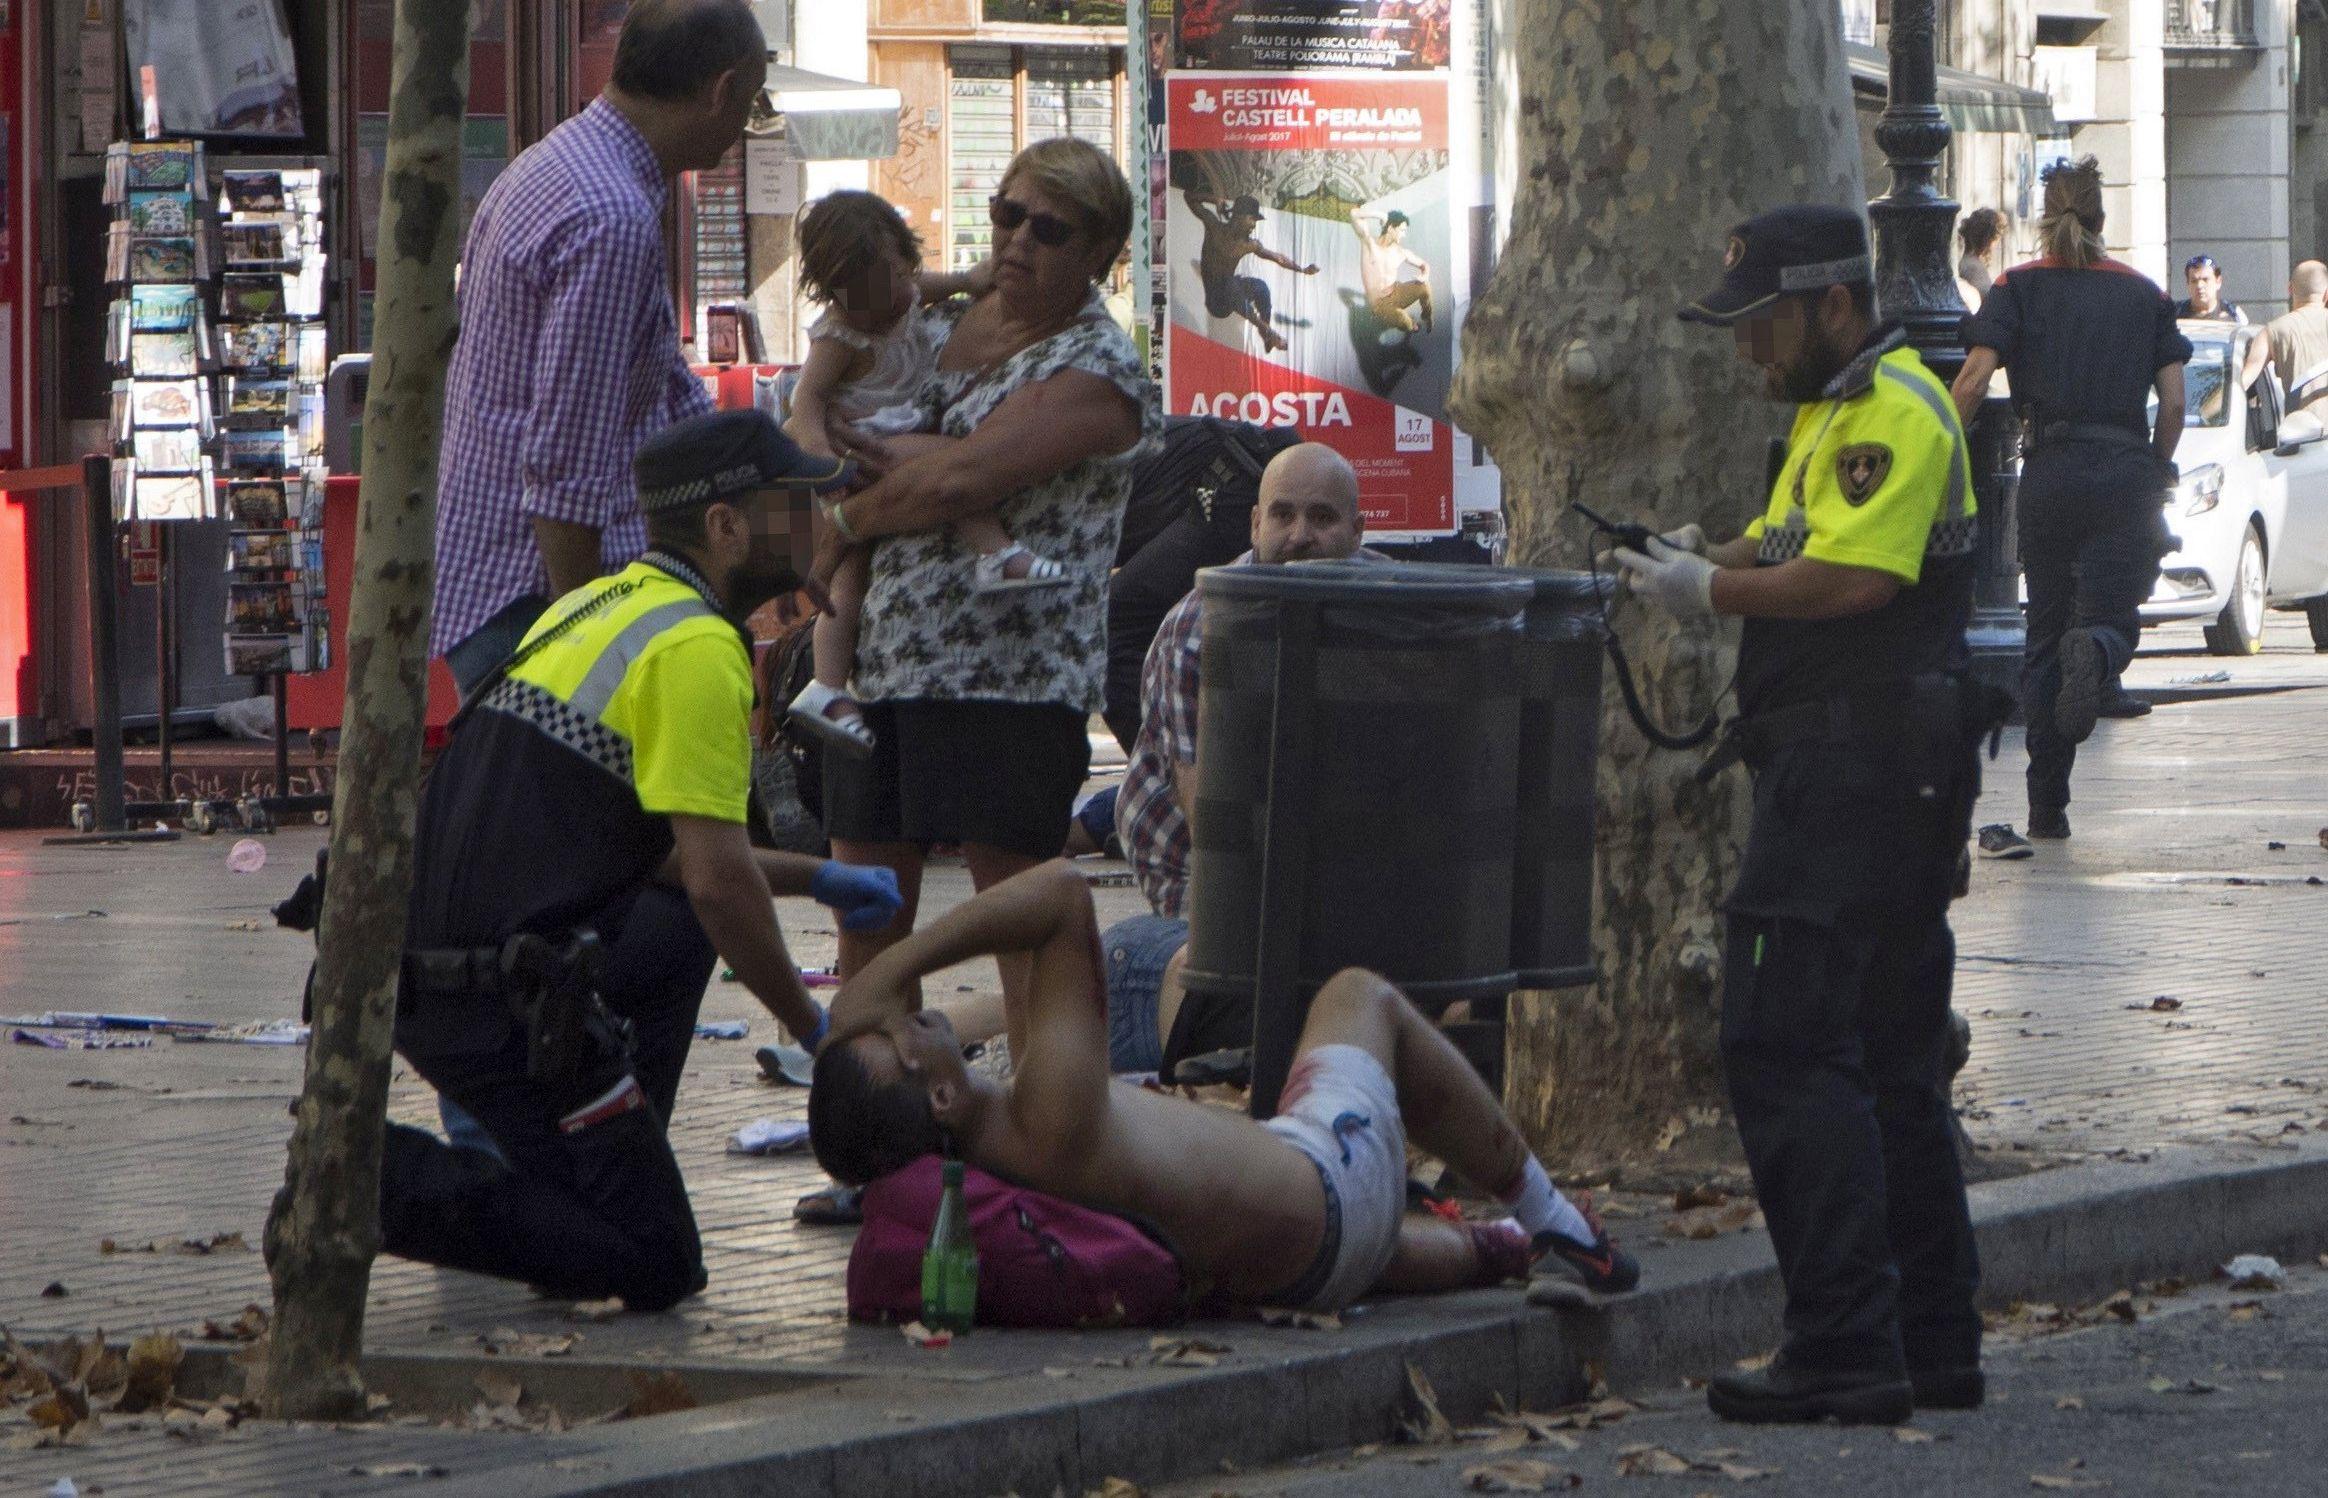 TERORISTIČKI NAPAD U BARCELONI Kombi se zaletio u ljude, najmanje 13 mrtvih i 100 ozlijeđenih, uhićena dva terorista